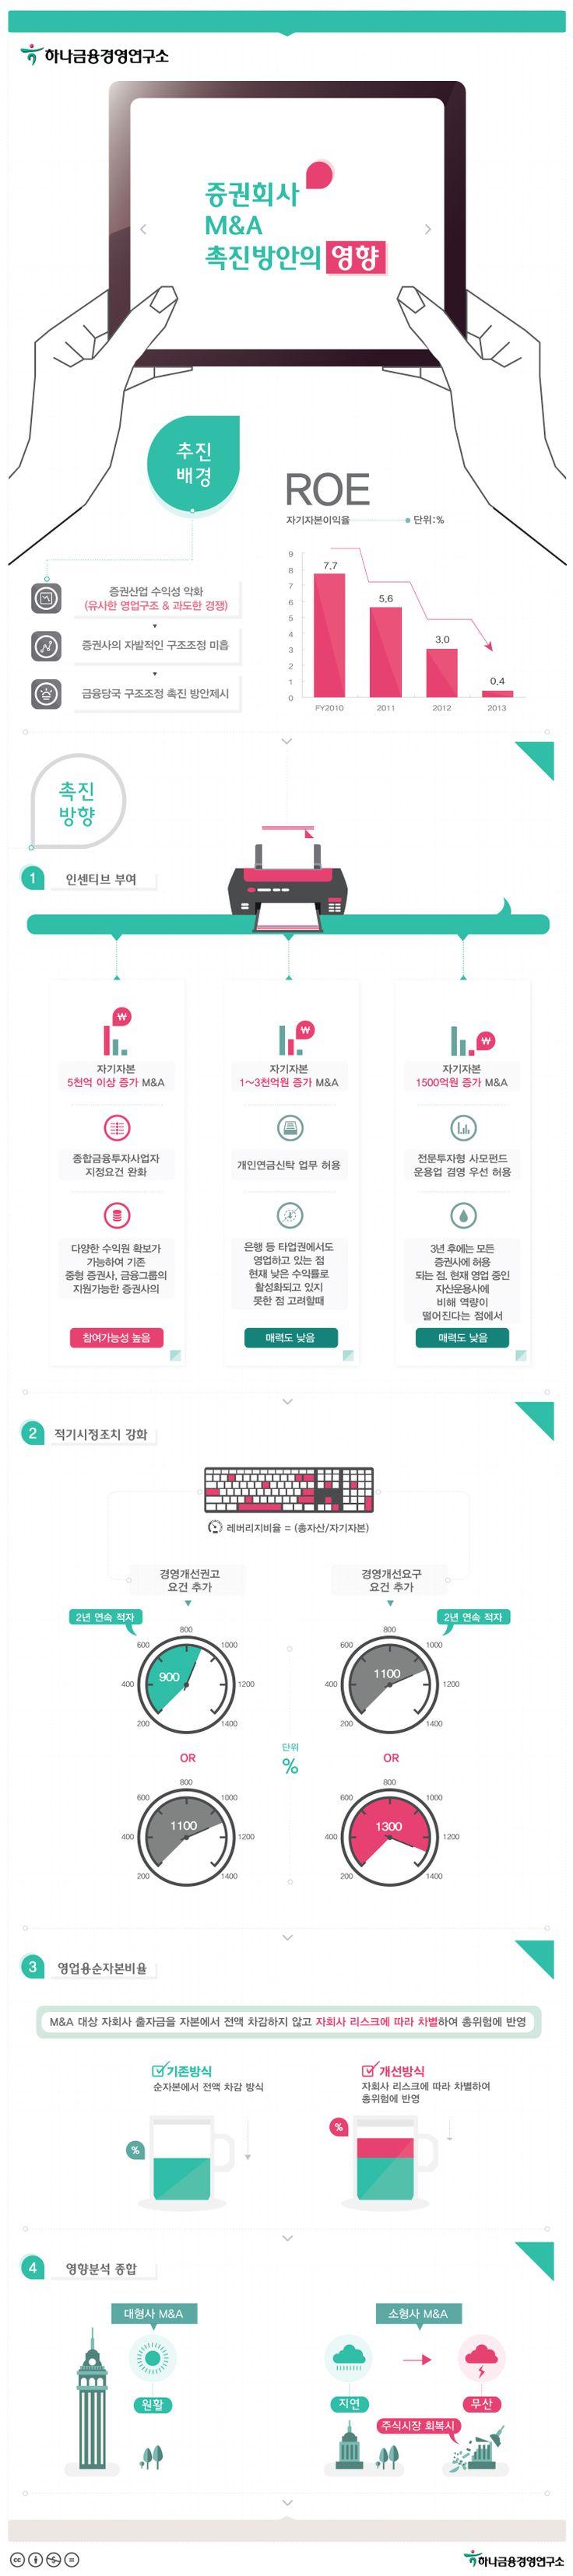 [인포그래픽] 증권회사의 M&A 촉진방안의 영향은? #M&A / #Infographic ⓒ 비주얼다이브 무단 복사·전재·재배포…